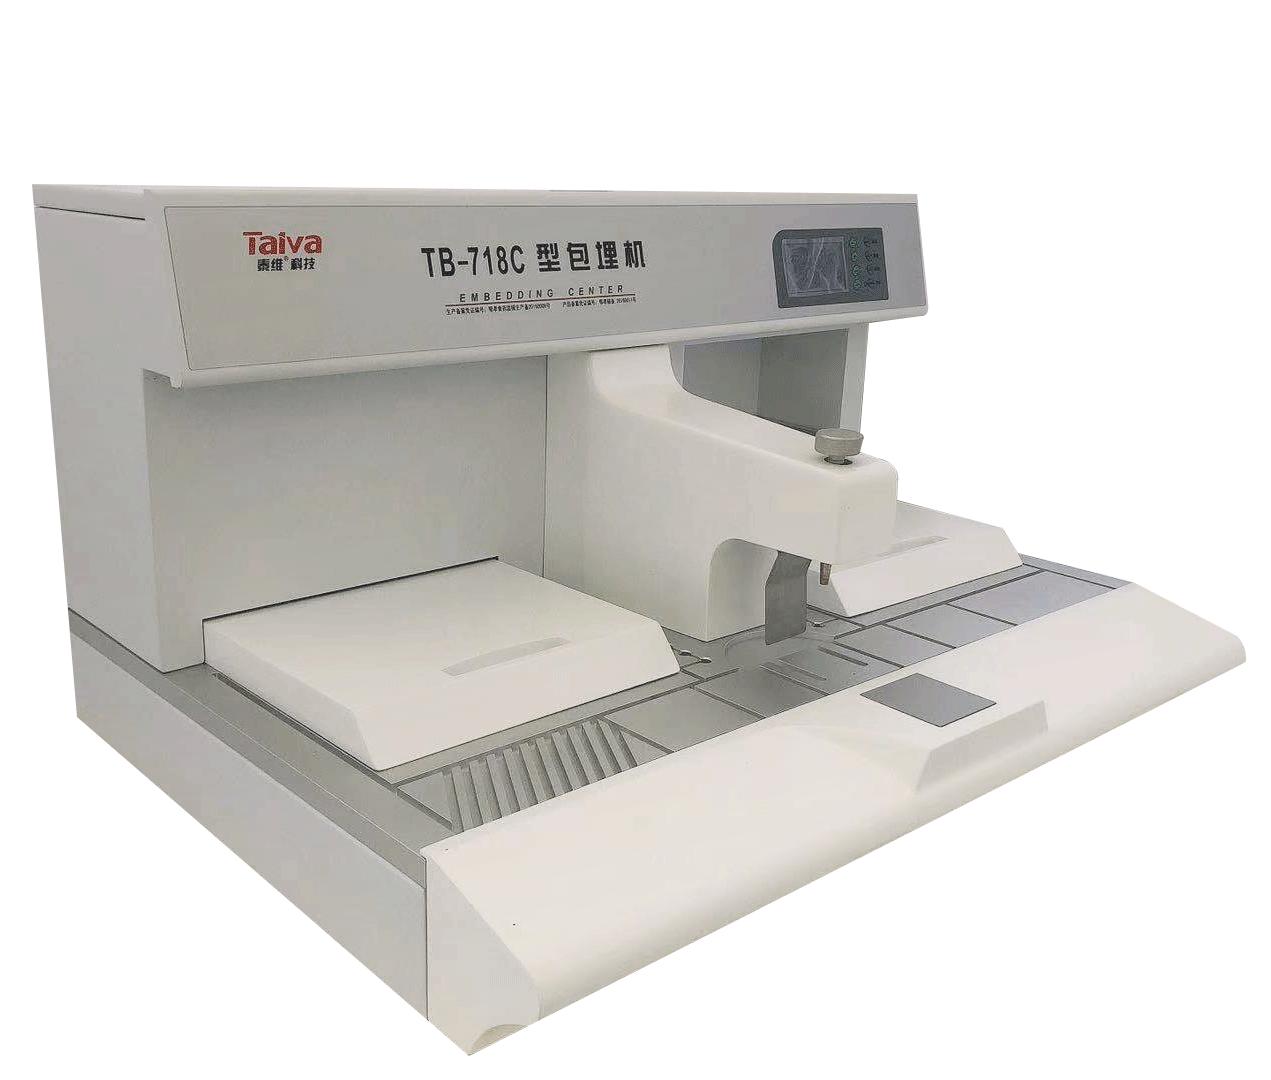 tb-718c.png